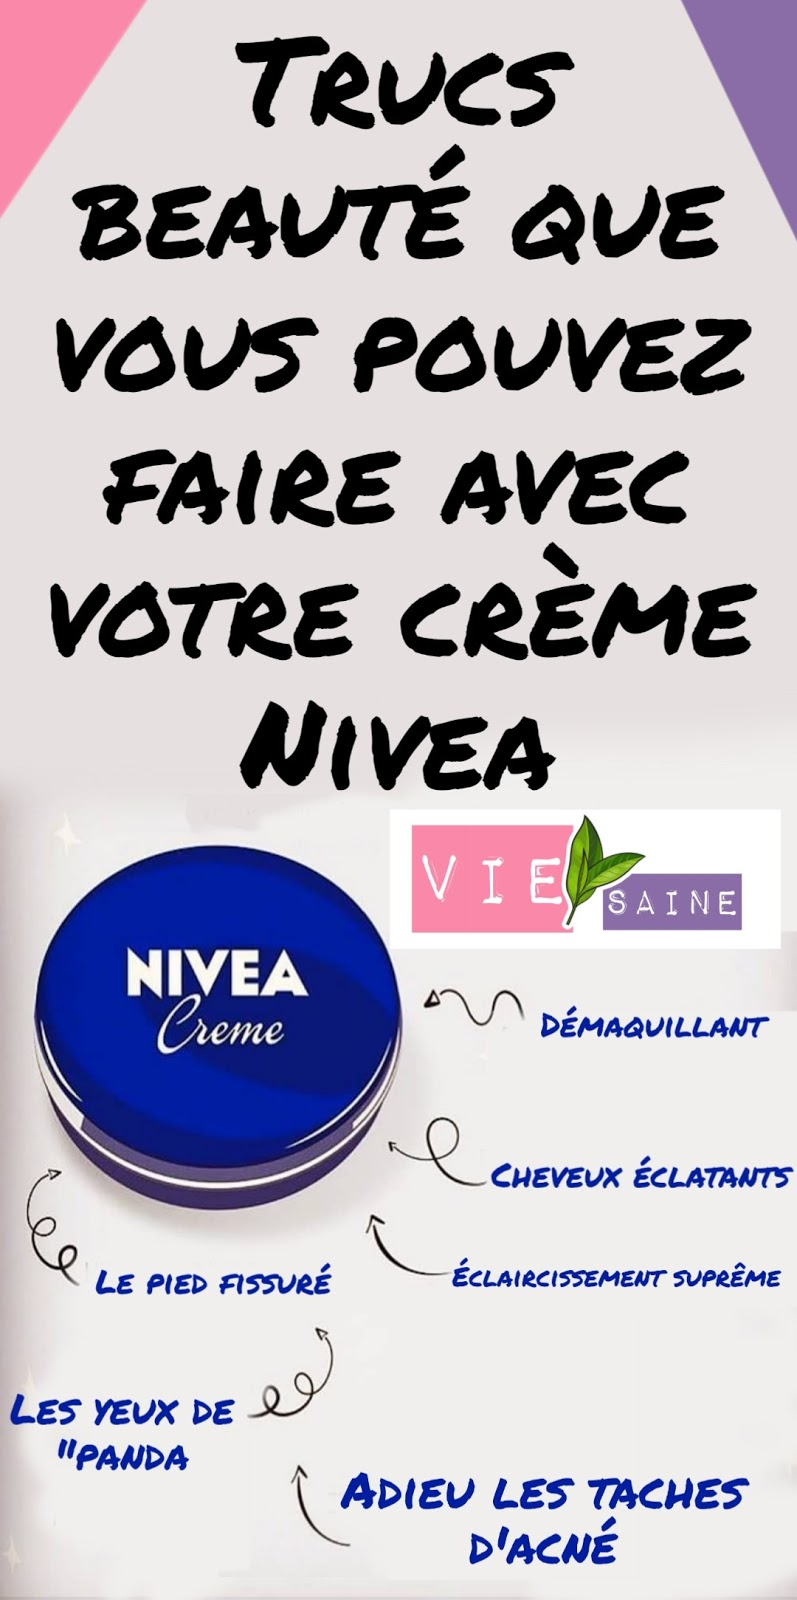 Trucs beauté que vous pouvez faire avec votre crème Nivea